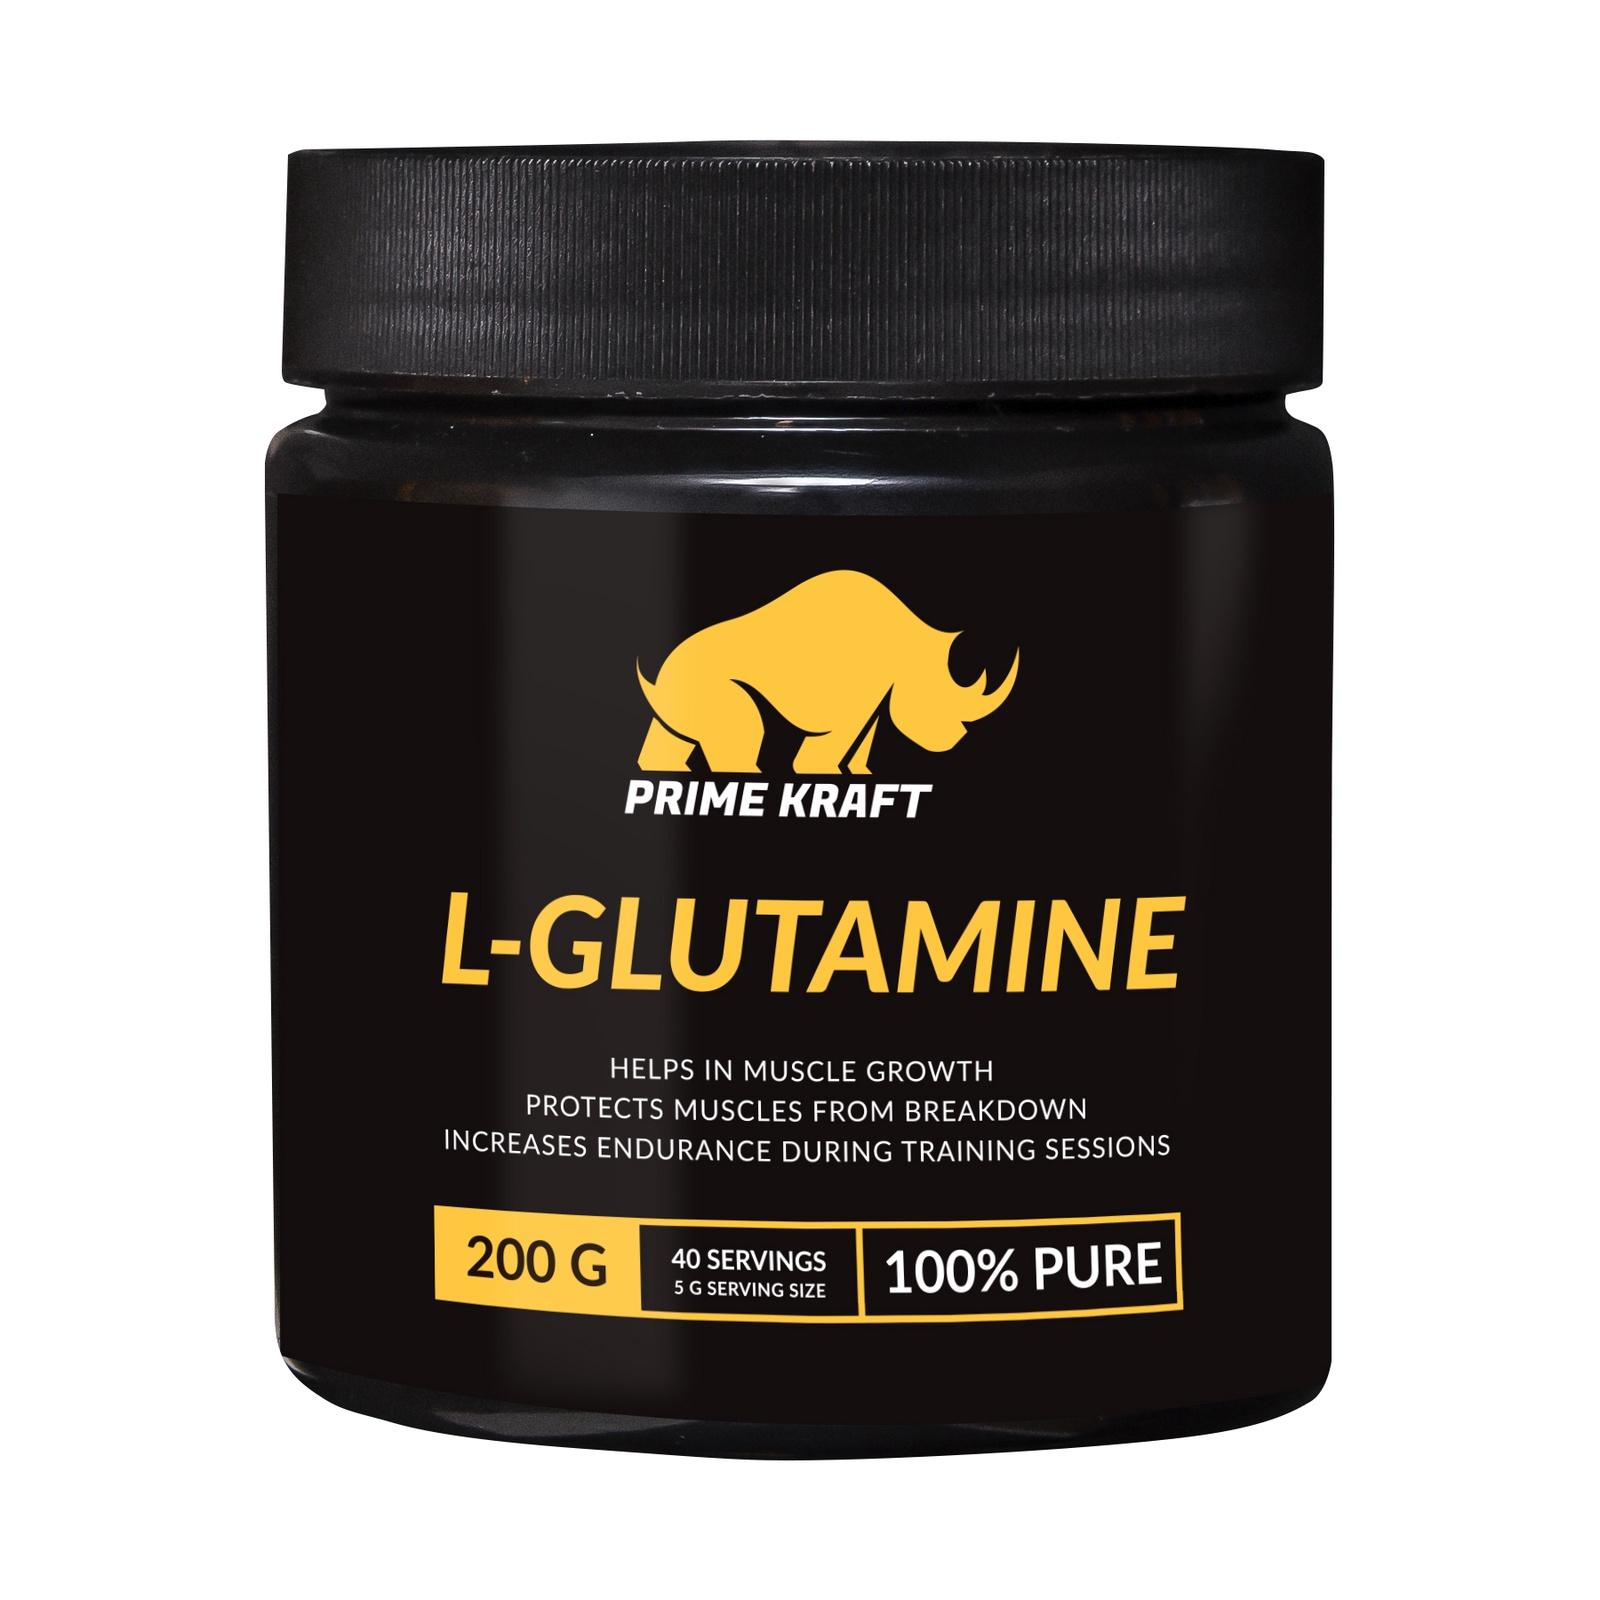 купить Напиток сухой Prime Kraft L-Glutamine, коктейль фруктово-ягодный, без вкуса, 200 г недорого